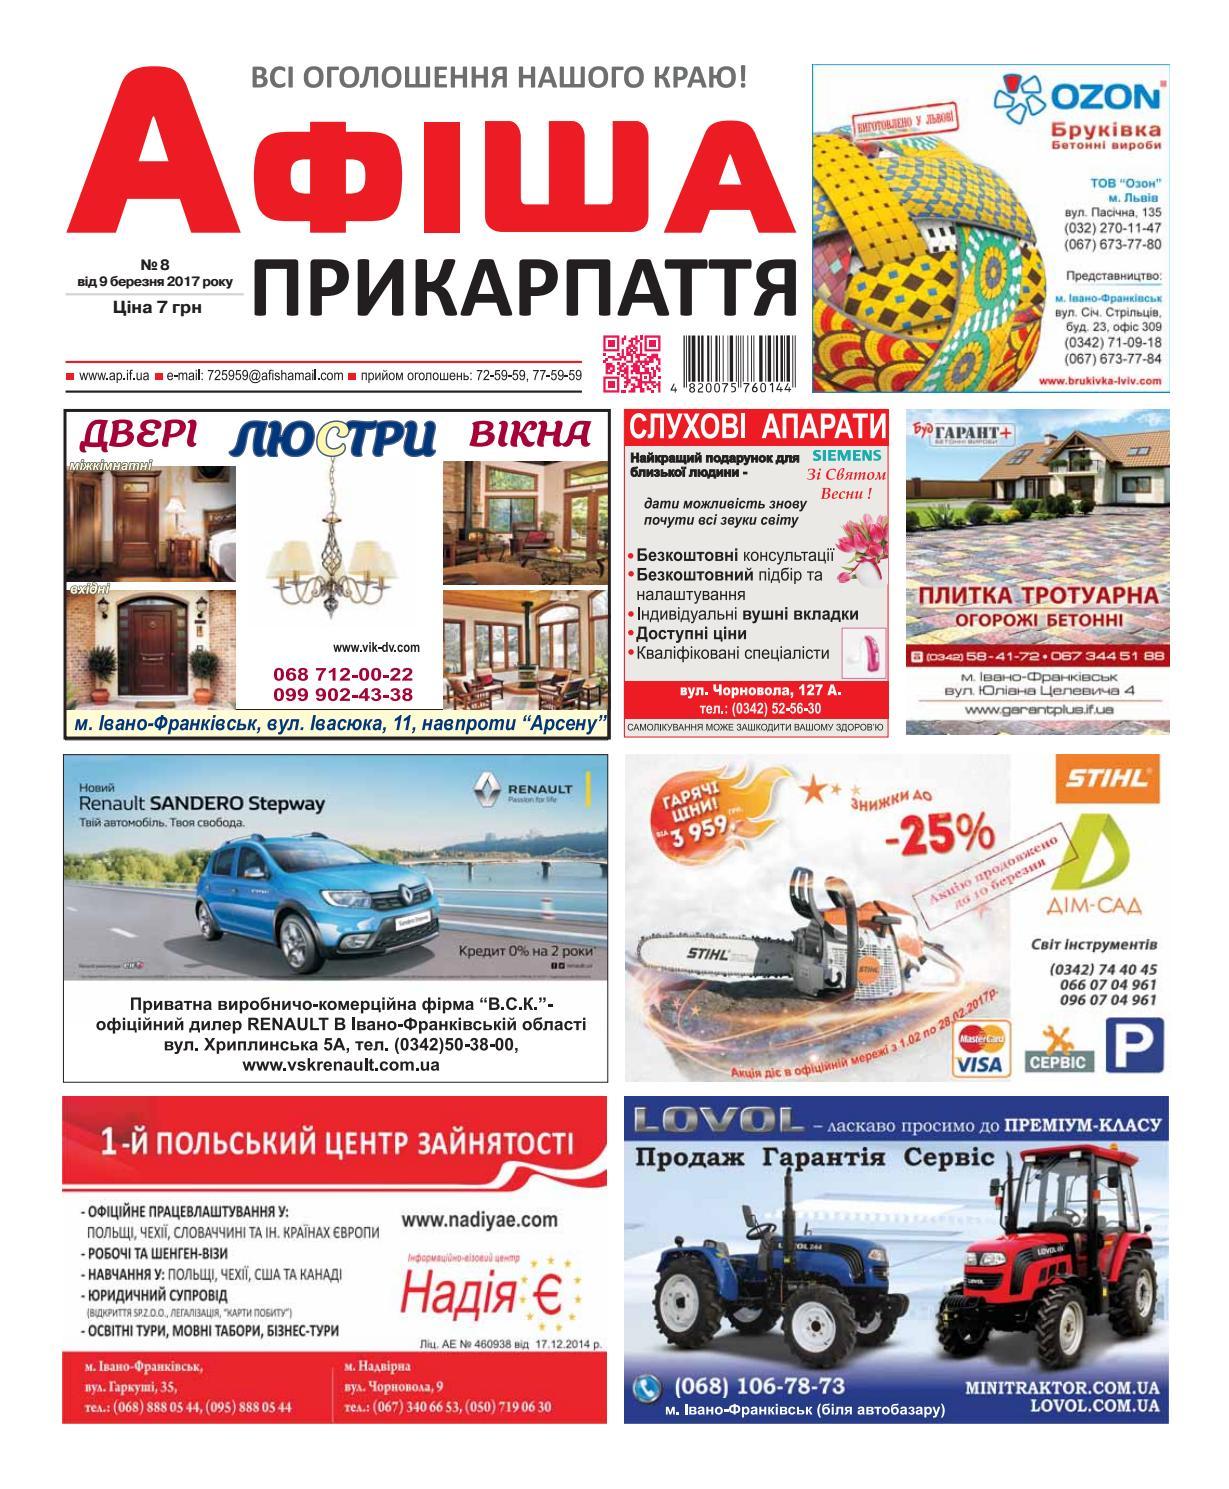 004b79d6f1f25f Афіша Прикарпаття №8 by Olya Olya - issuu